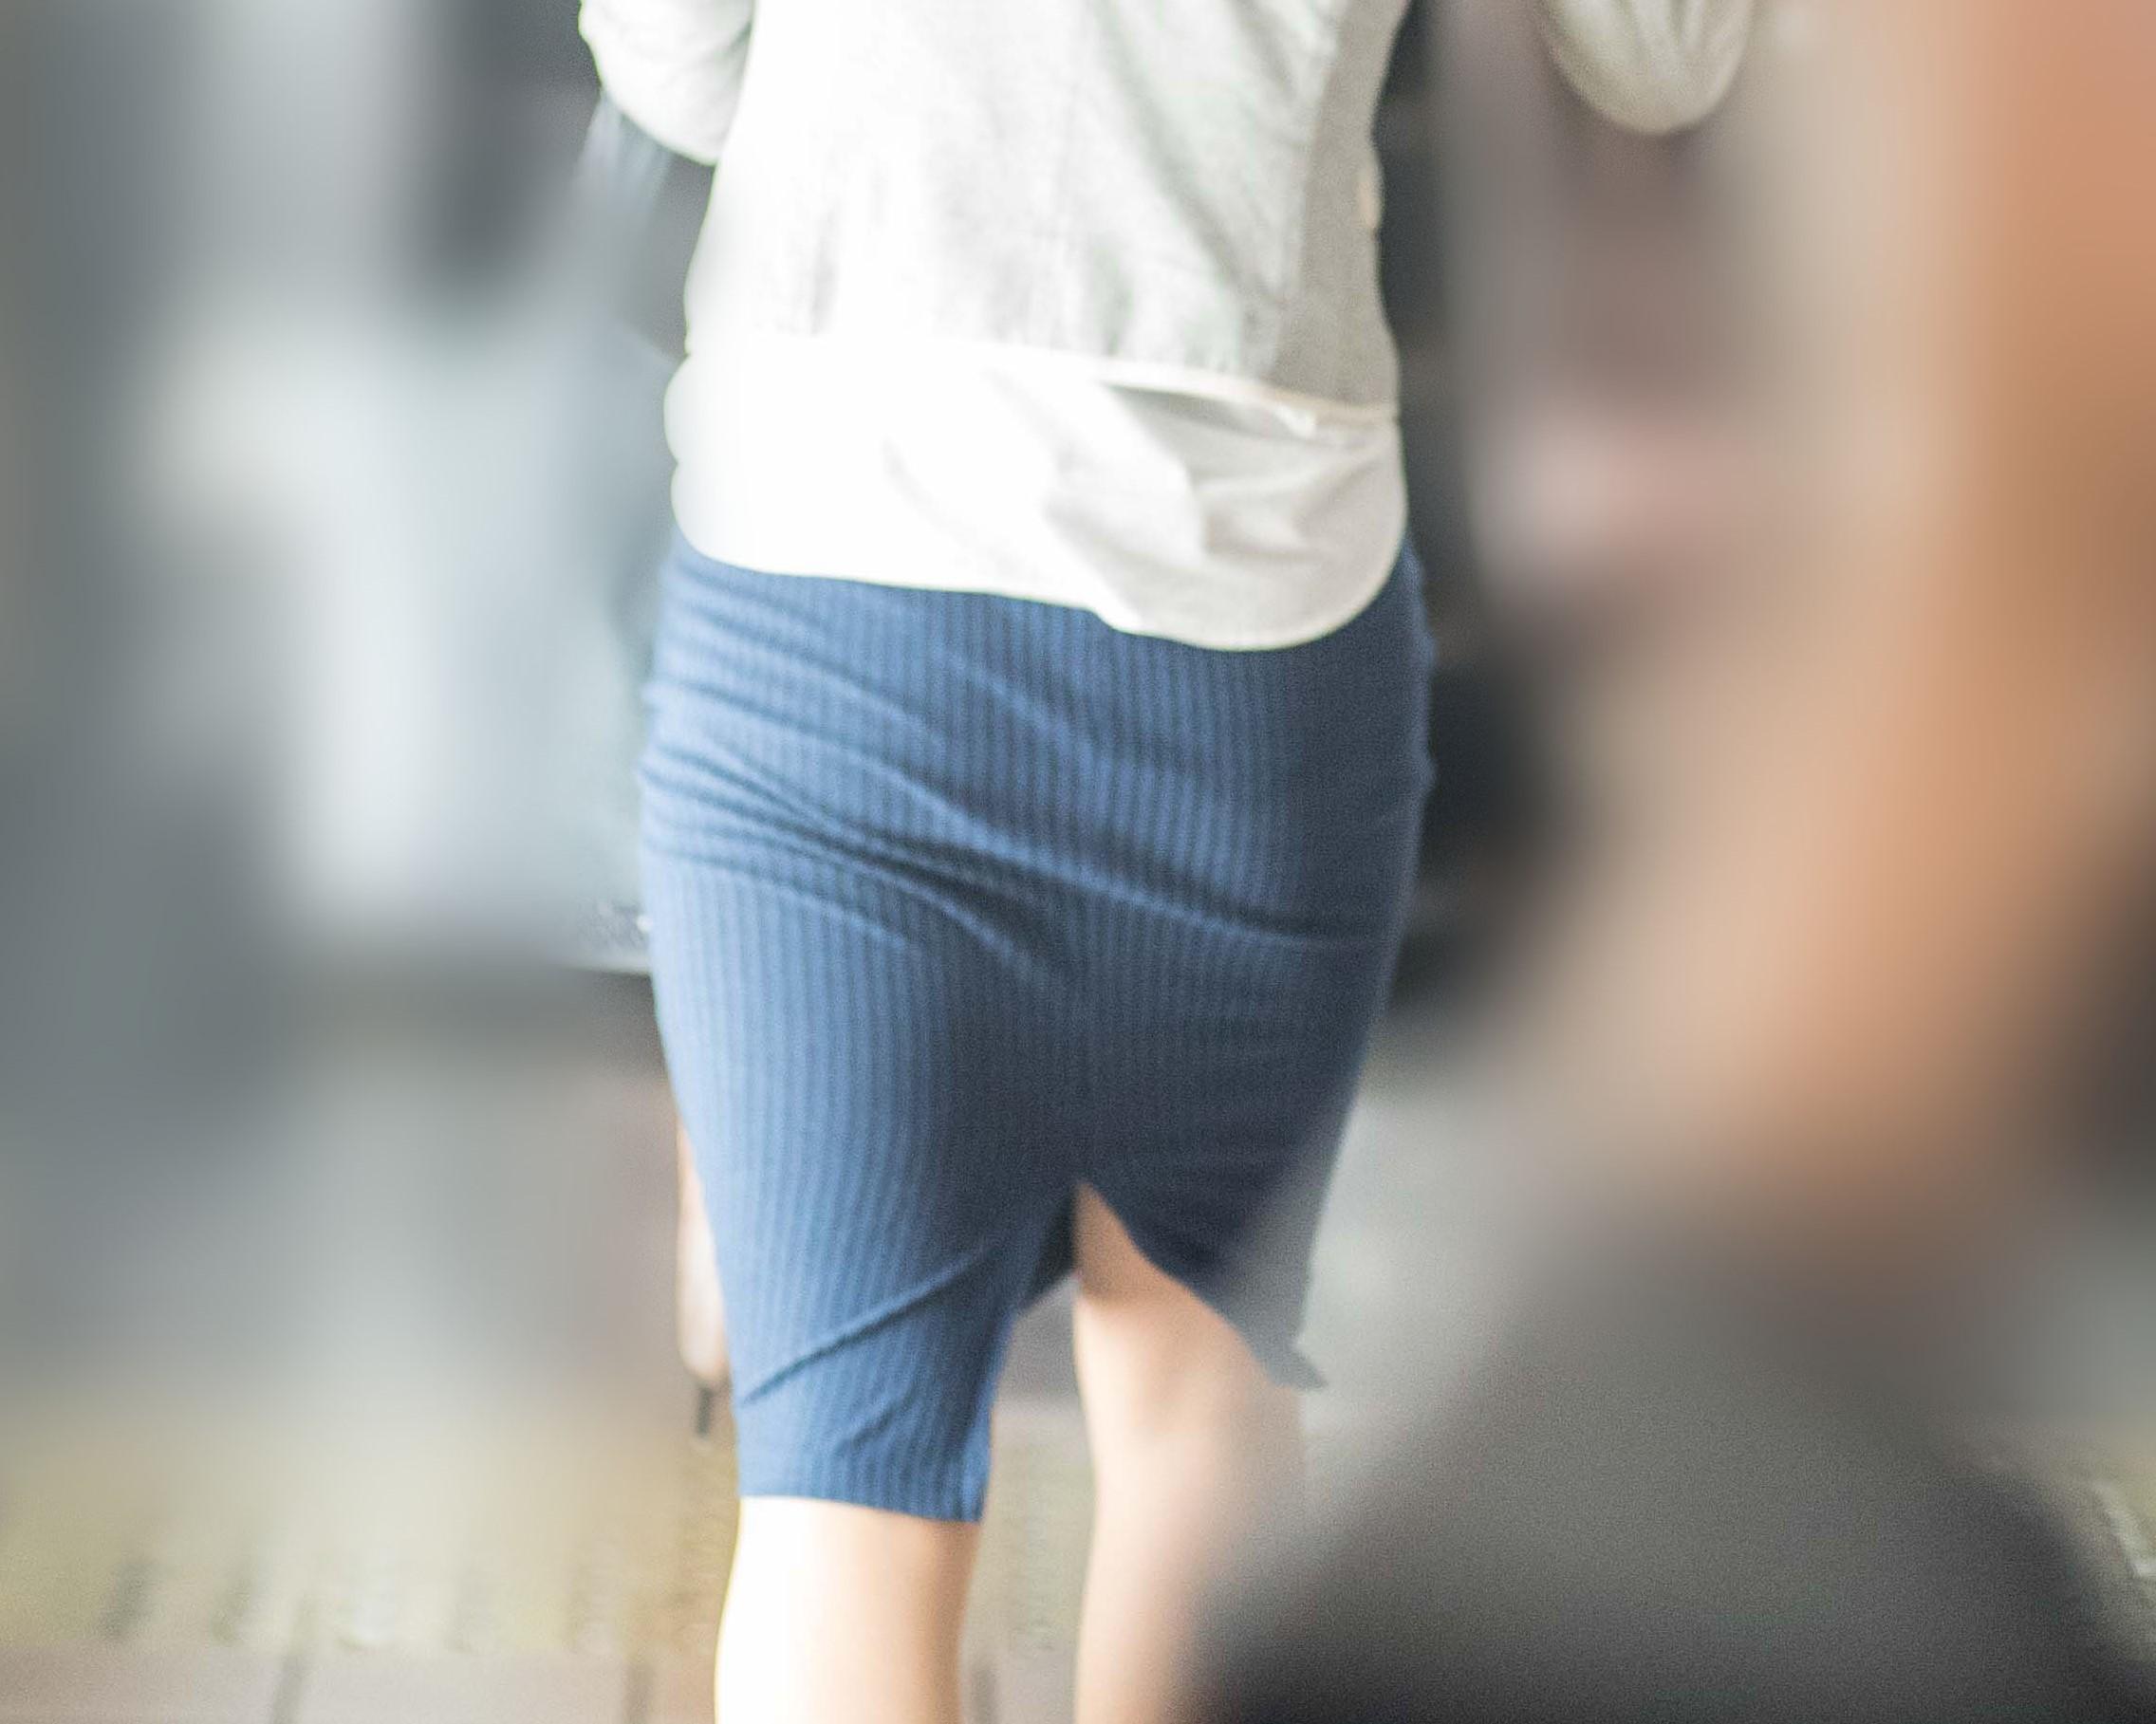 【街撮り】気品あふれる美人OLさんのパツパツなタイトスカート